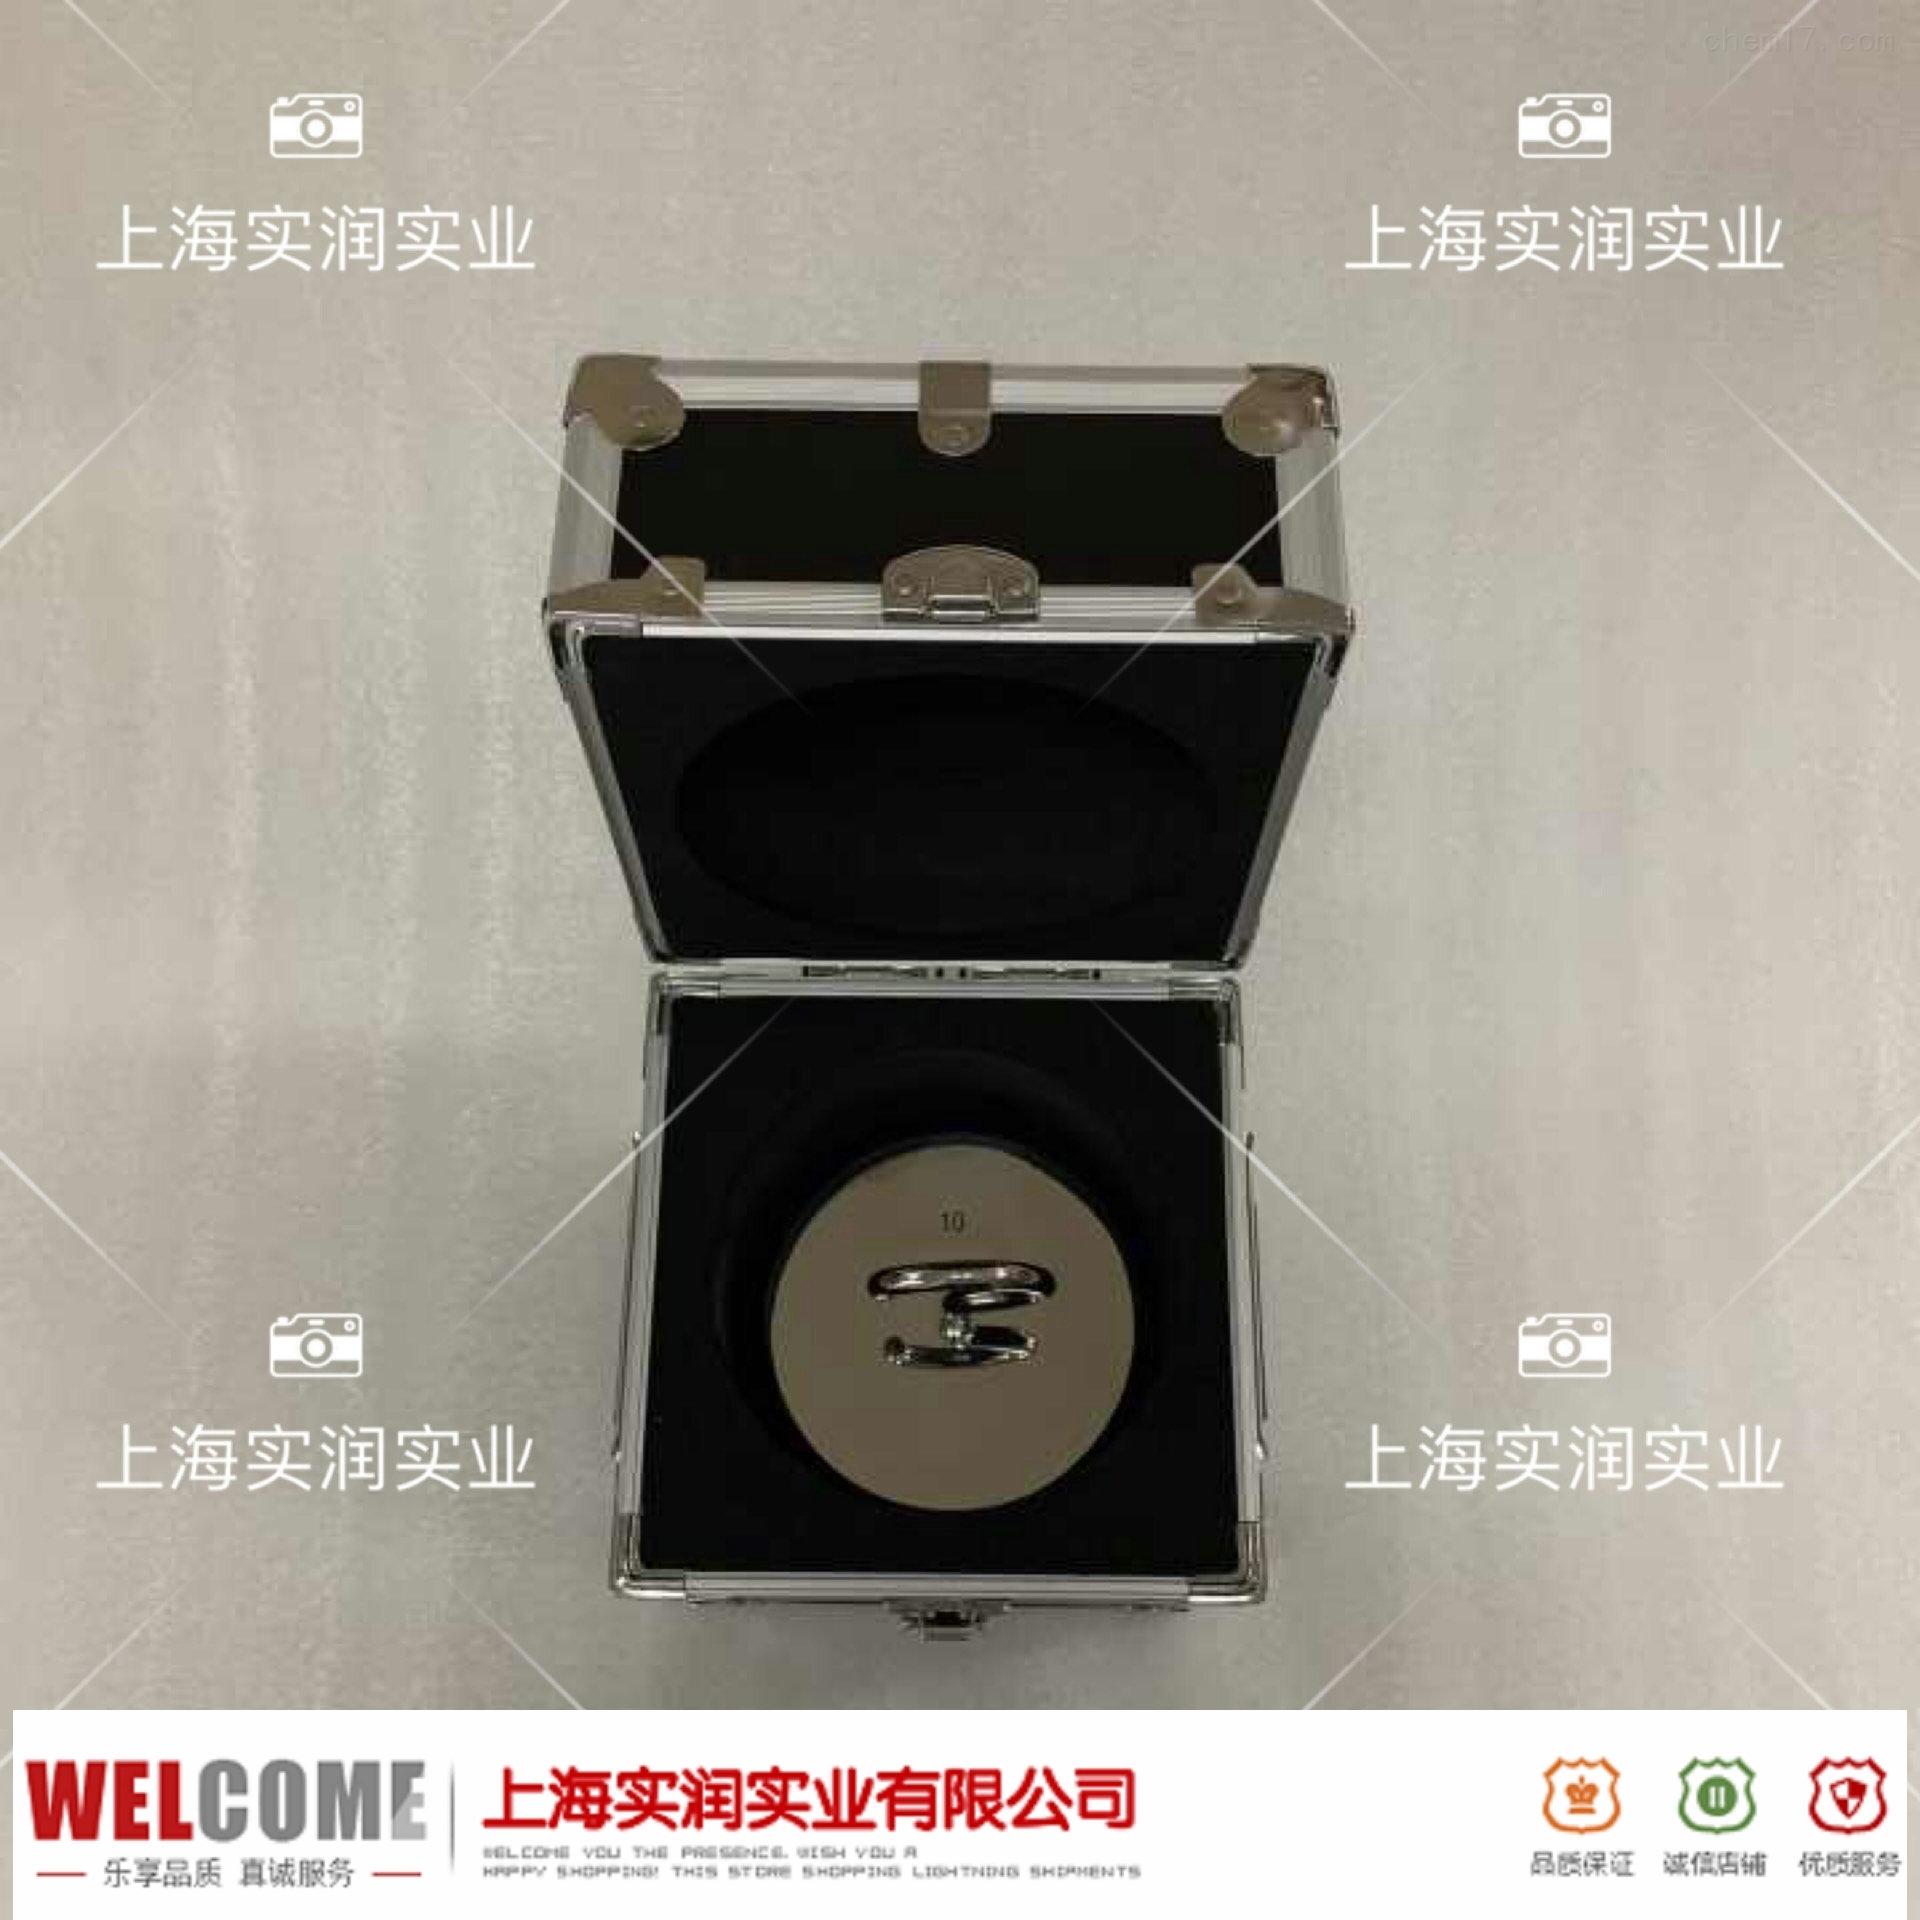 1g-5kg带钩子不锈钢砝码配铝箱包装